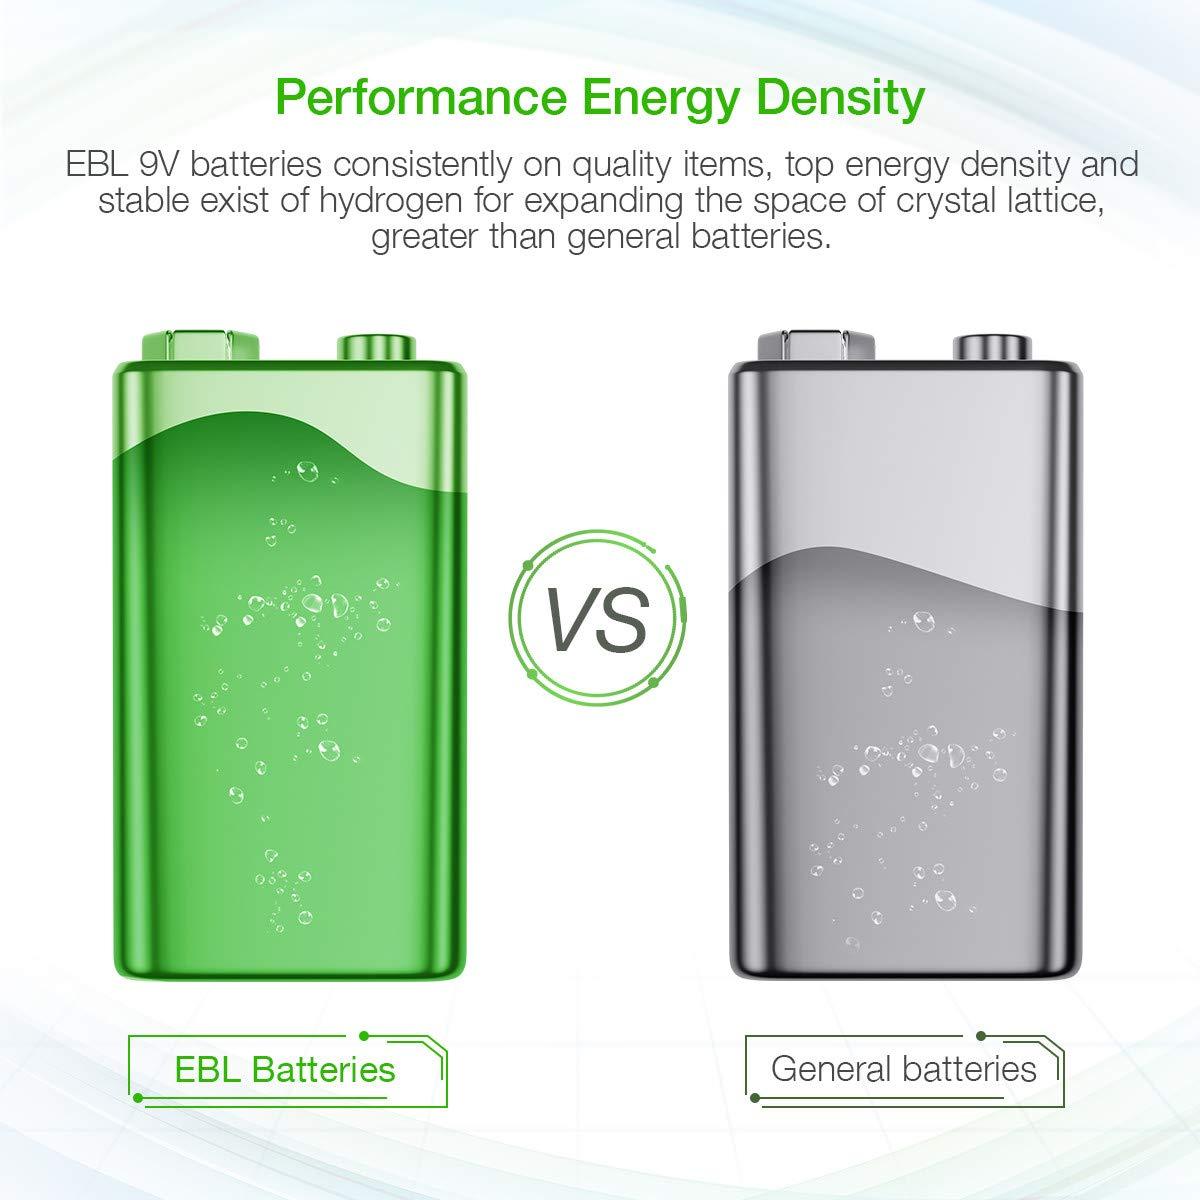 EBL 9 Volt 600mAh Li-ion Rechargeable 9V Batteries Lithium-ion, 6 Pack